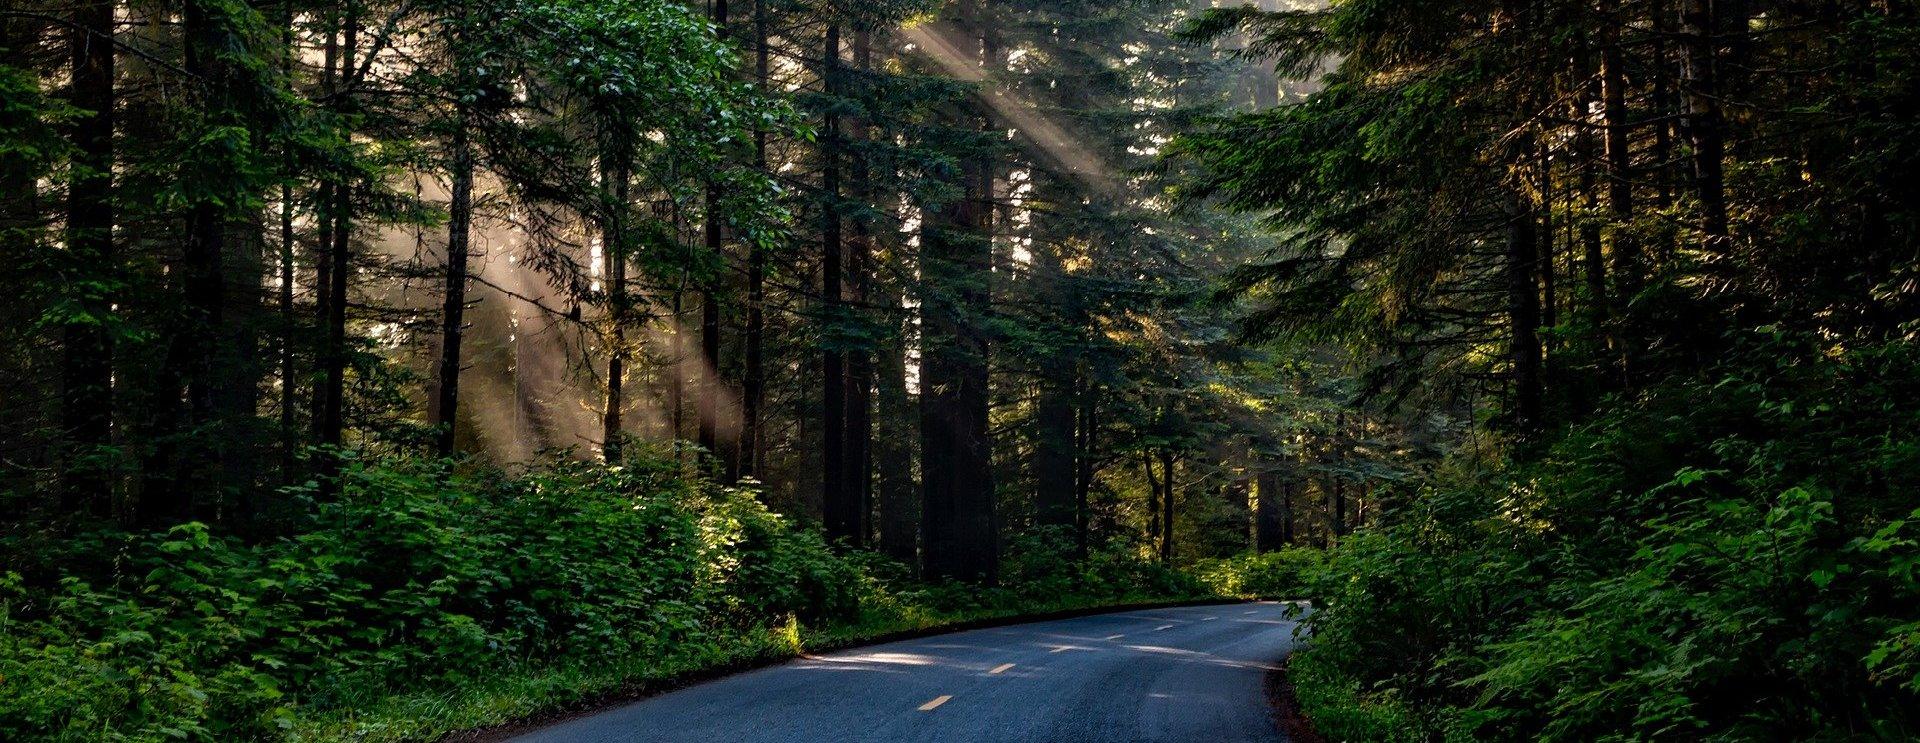 Une carte numérique des forêts pour les investisseurs a été créée en Transbaikalie